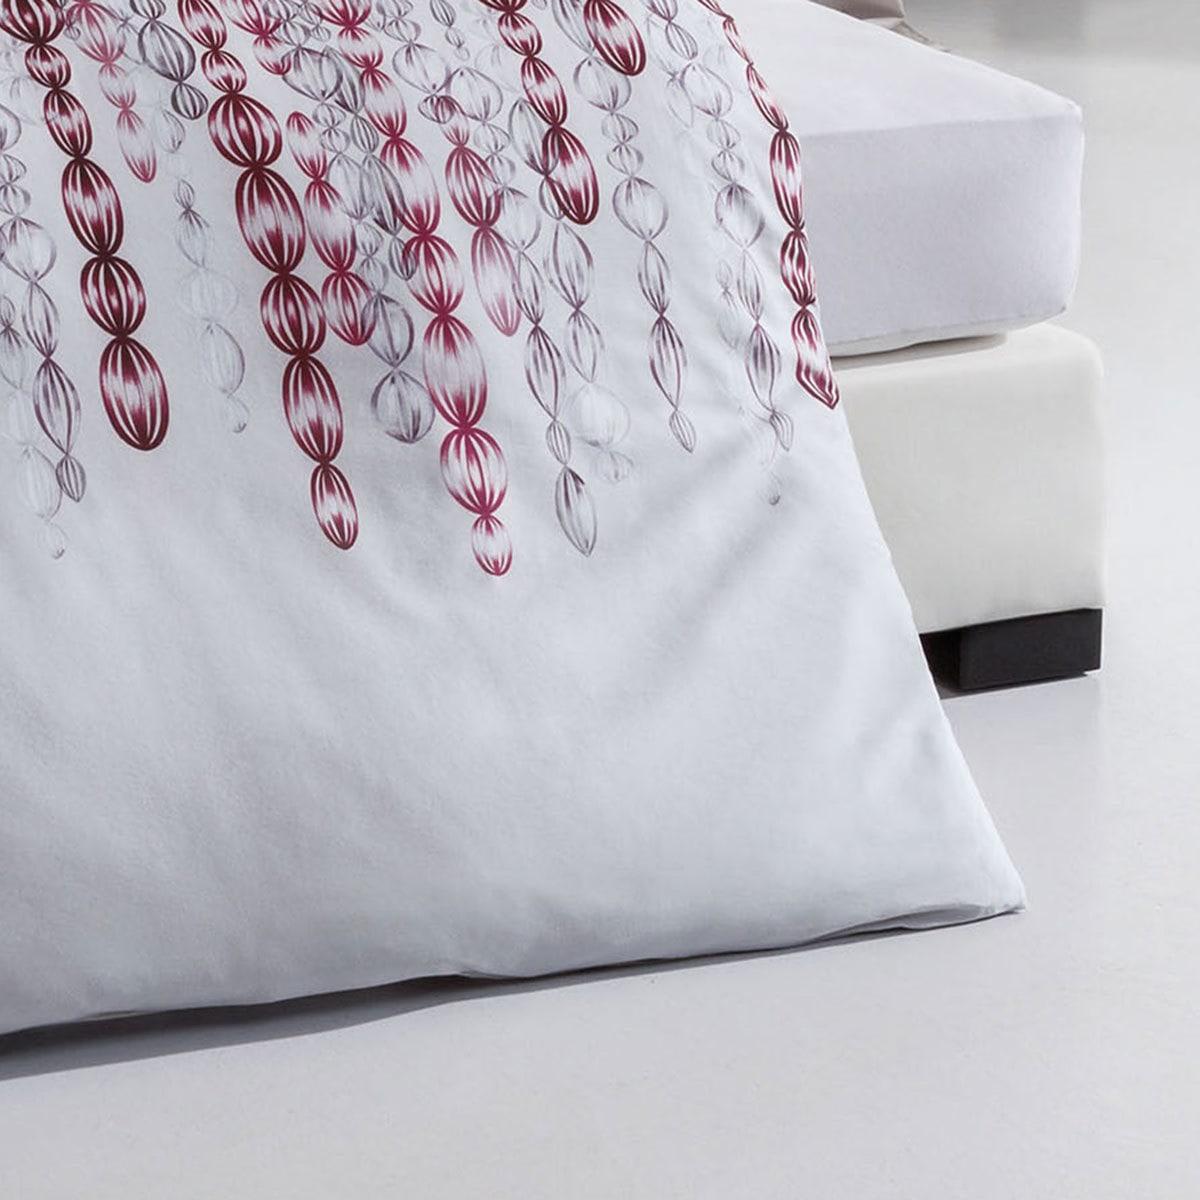 kaeppel biber bettw sche pearls burgund g nstig online kaufen bei bettwaren shop. Black Bedroom Furniture Sets. Home Design Ideas